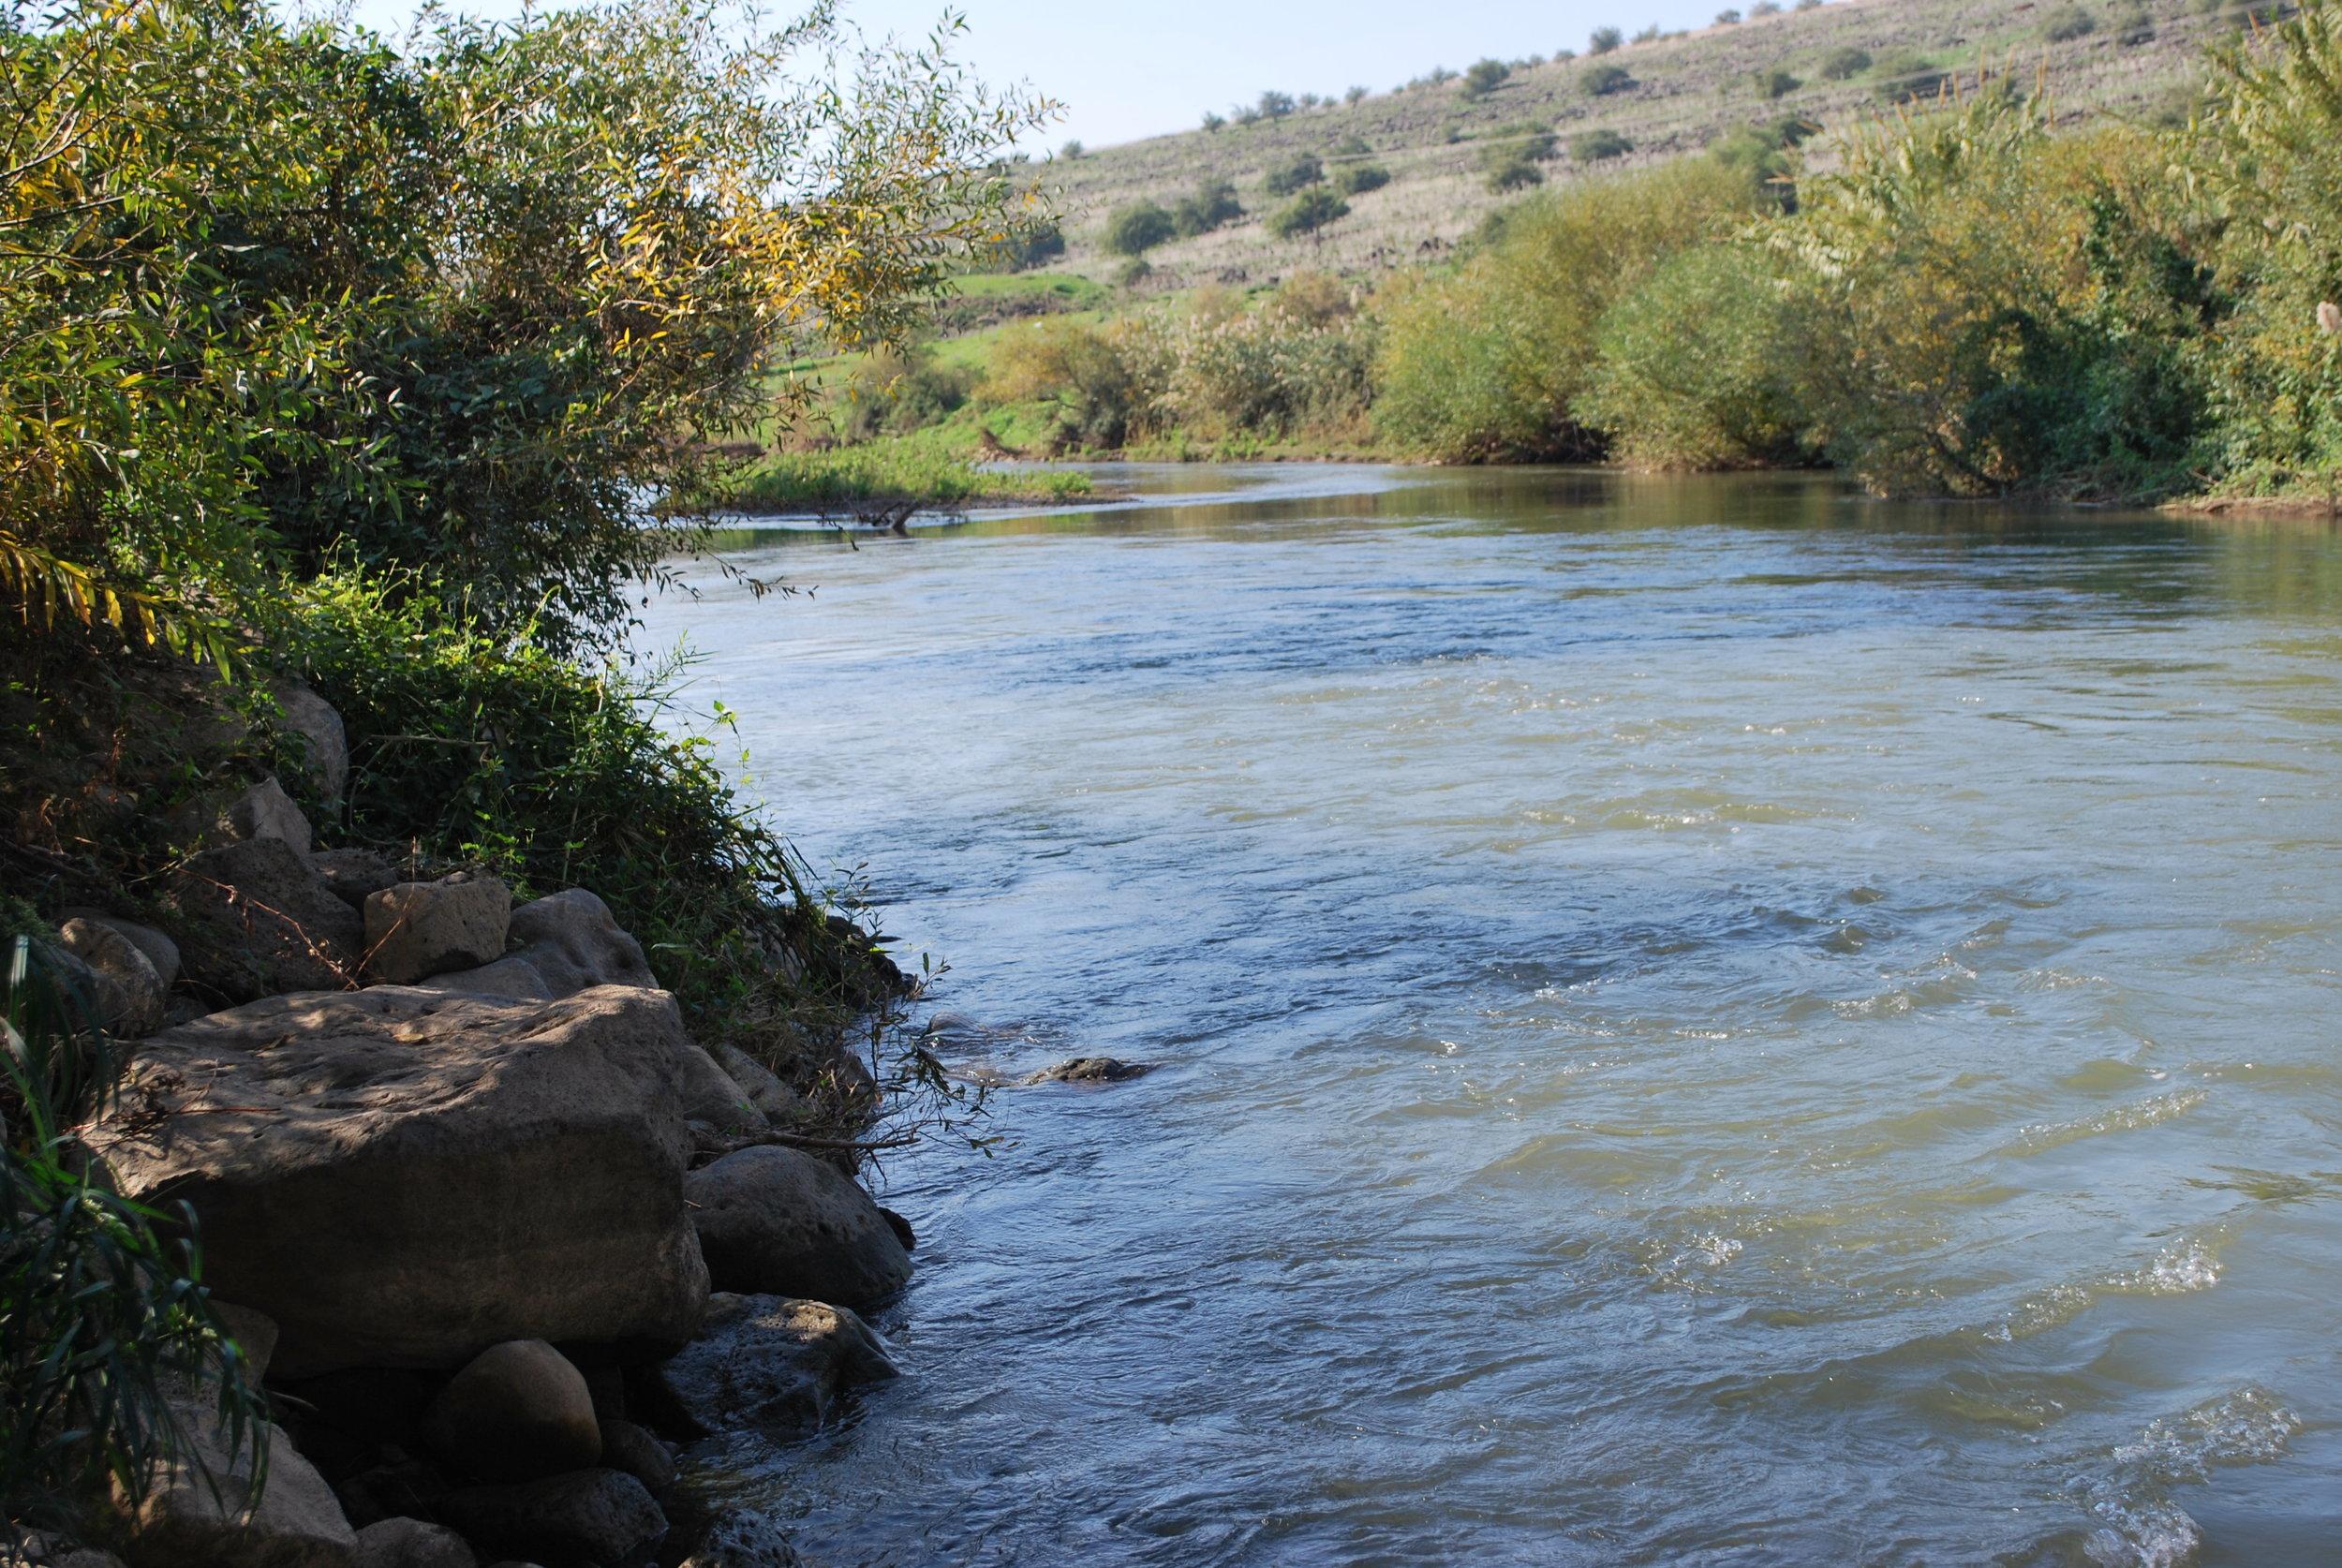 Jordan_River-holy-land-tours.jpg